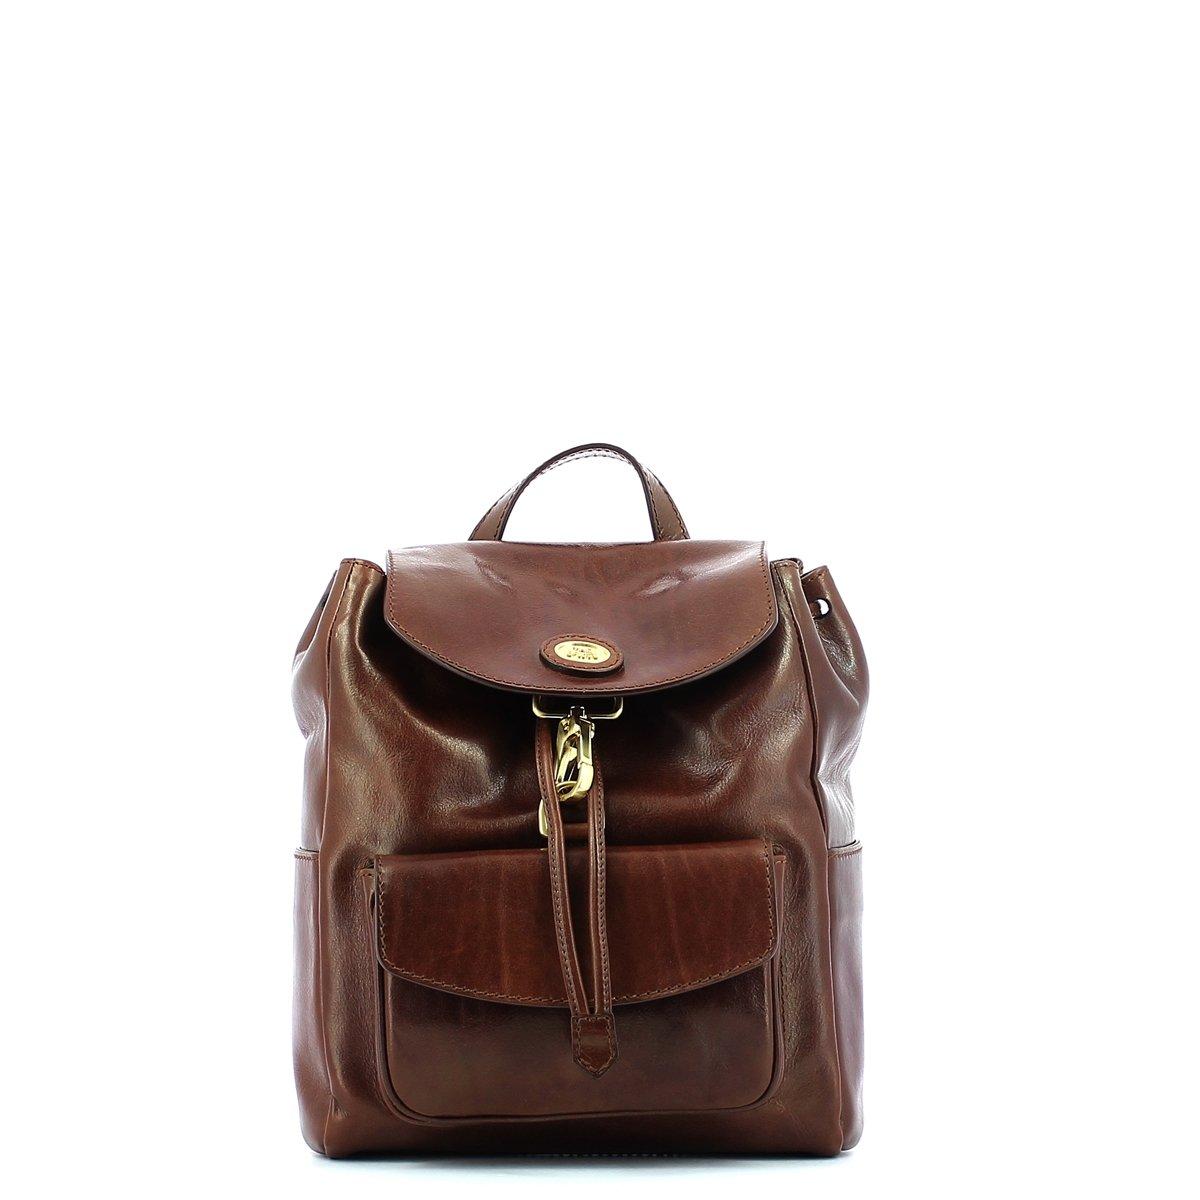 Secrid Handtaschen Taschen 04-7042_14 brown gold Braun QN6ft